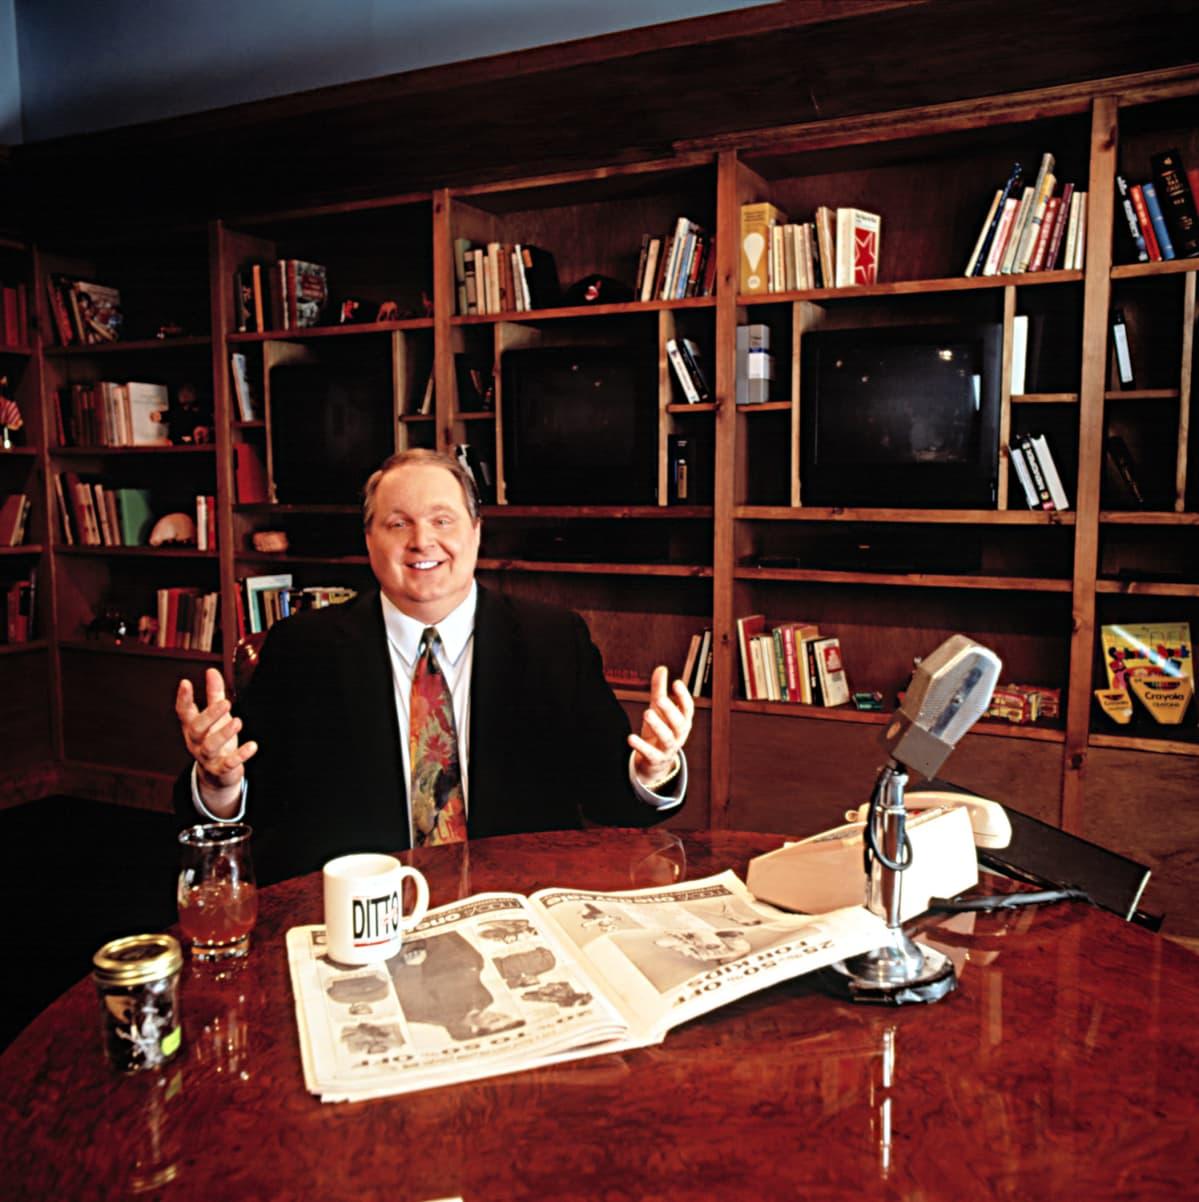 Radiotoimittaja Rush Limbaugh pöydän ääressä jossa radiomikrofoni ja sanomalehti.